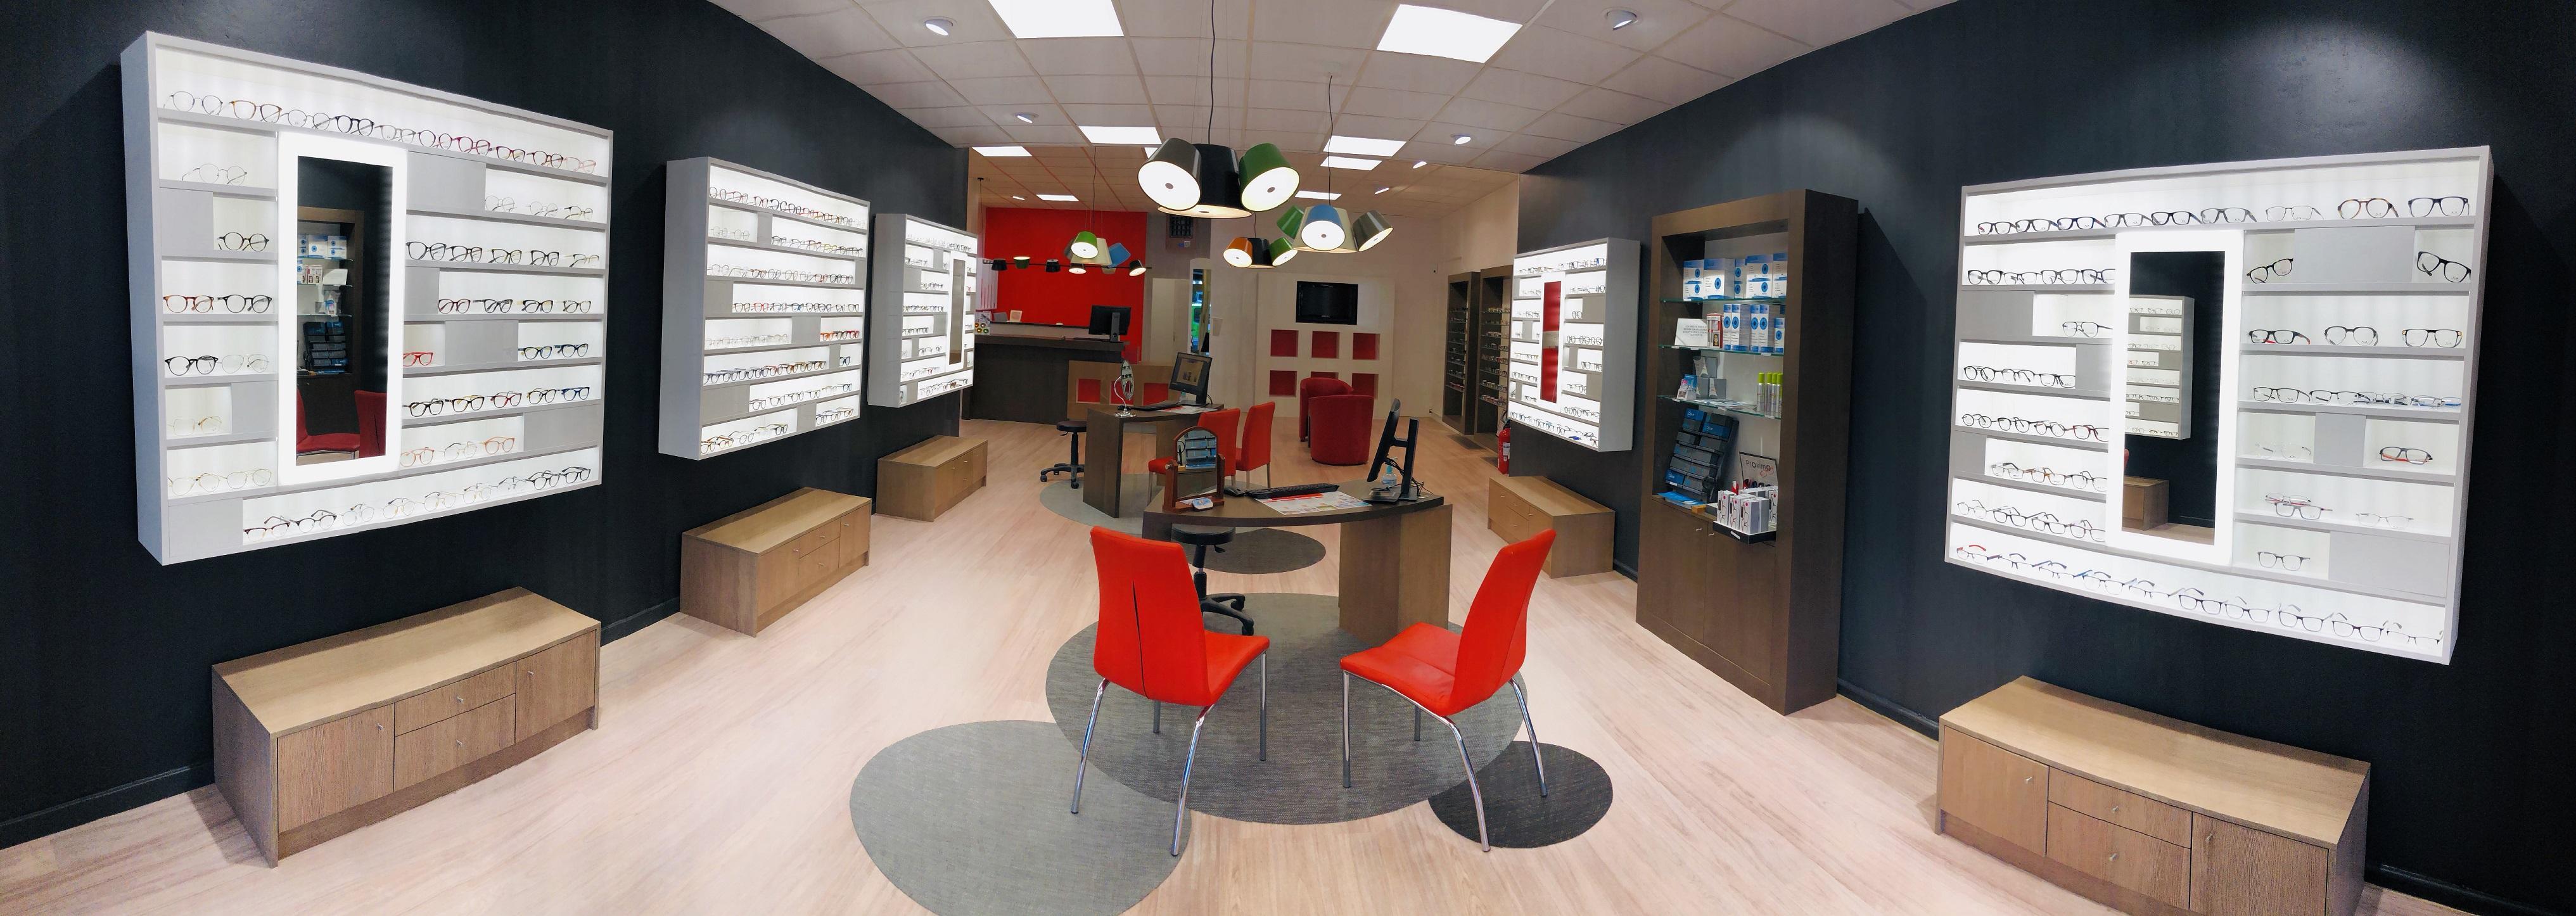 La Roche Optique : modernité et professionnalisme au service de toutes les vues